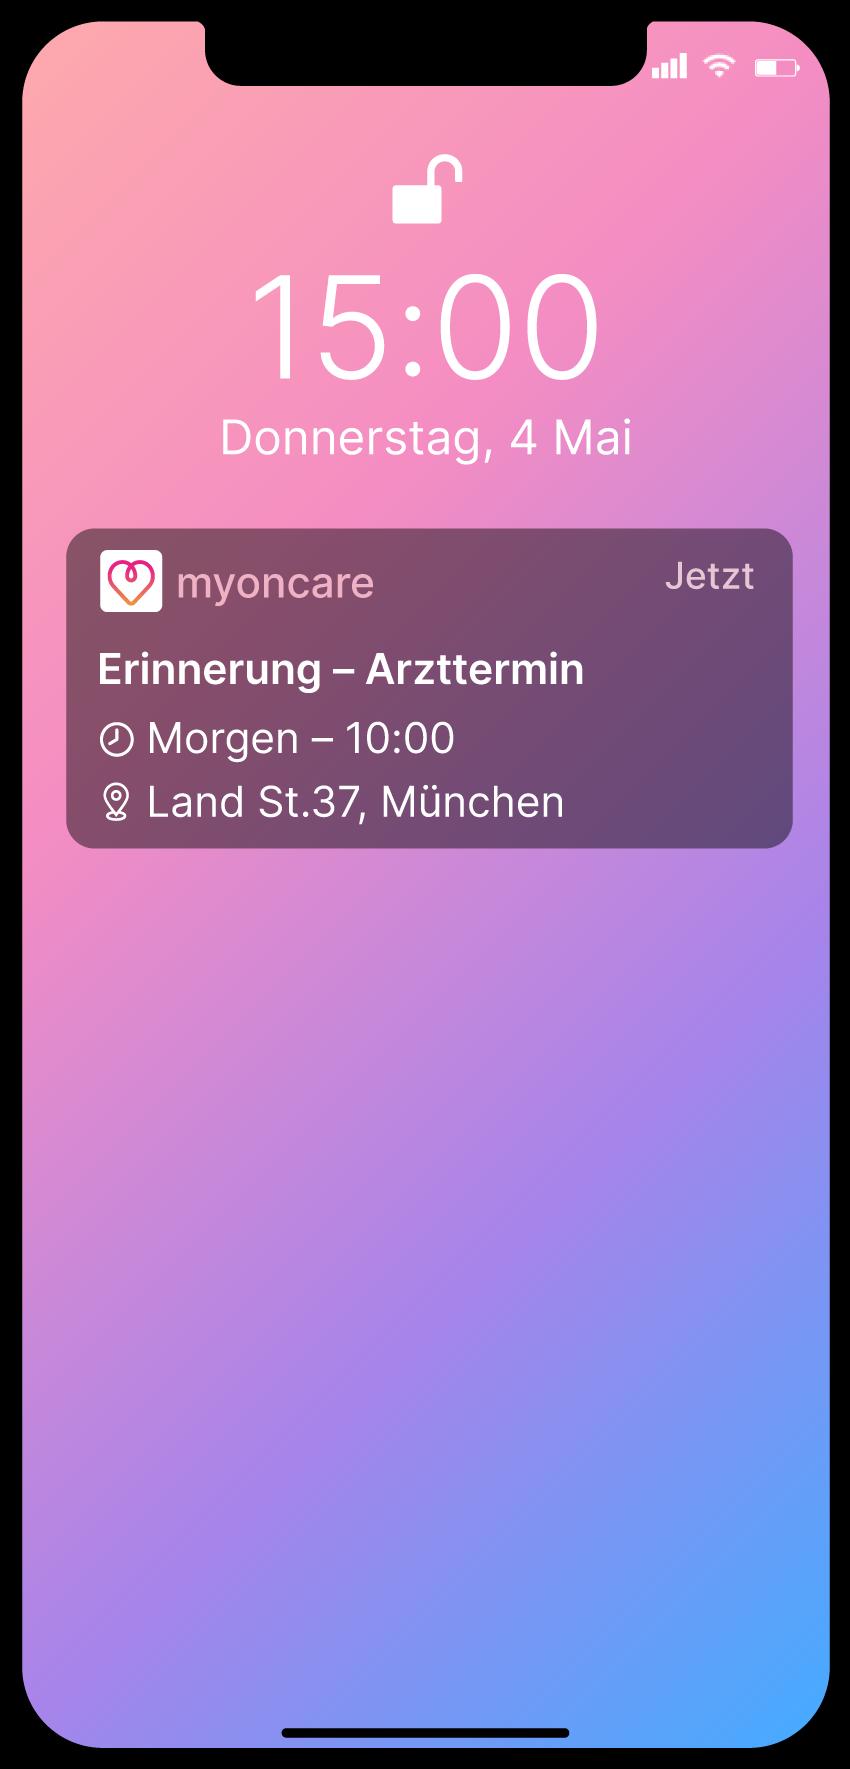 Ein Screenshot des Home Bildschirms eines Smartphones mit einer Erinnerung der myoncare App